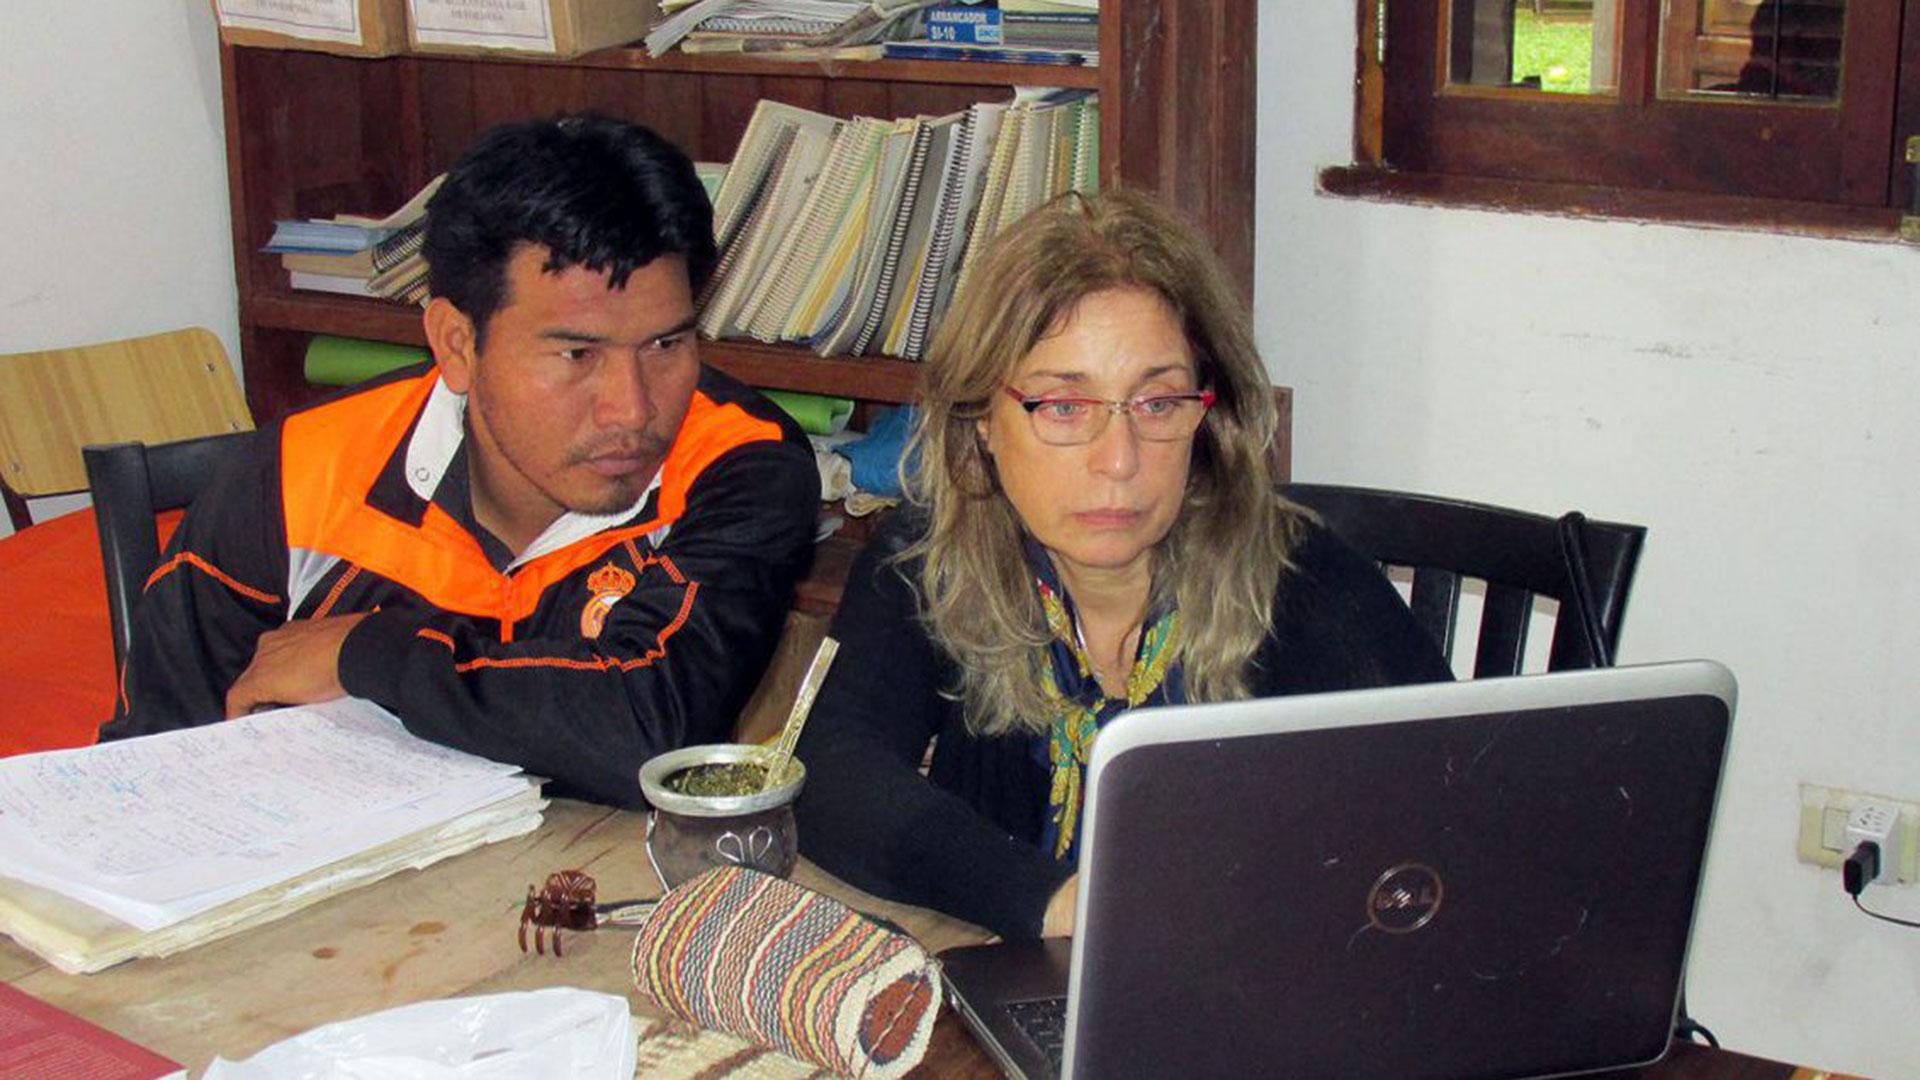 La lingúista Alejandra Vidal trabaja con las comunidades indígenas del territorio formoseño